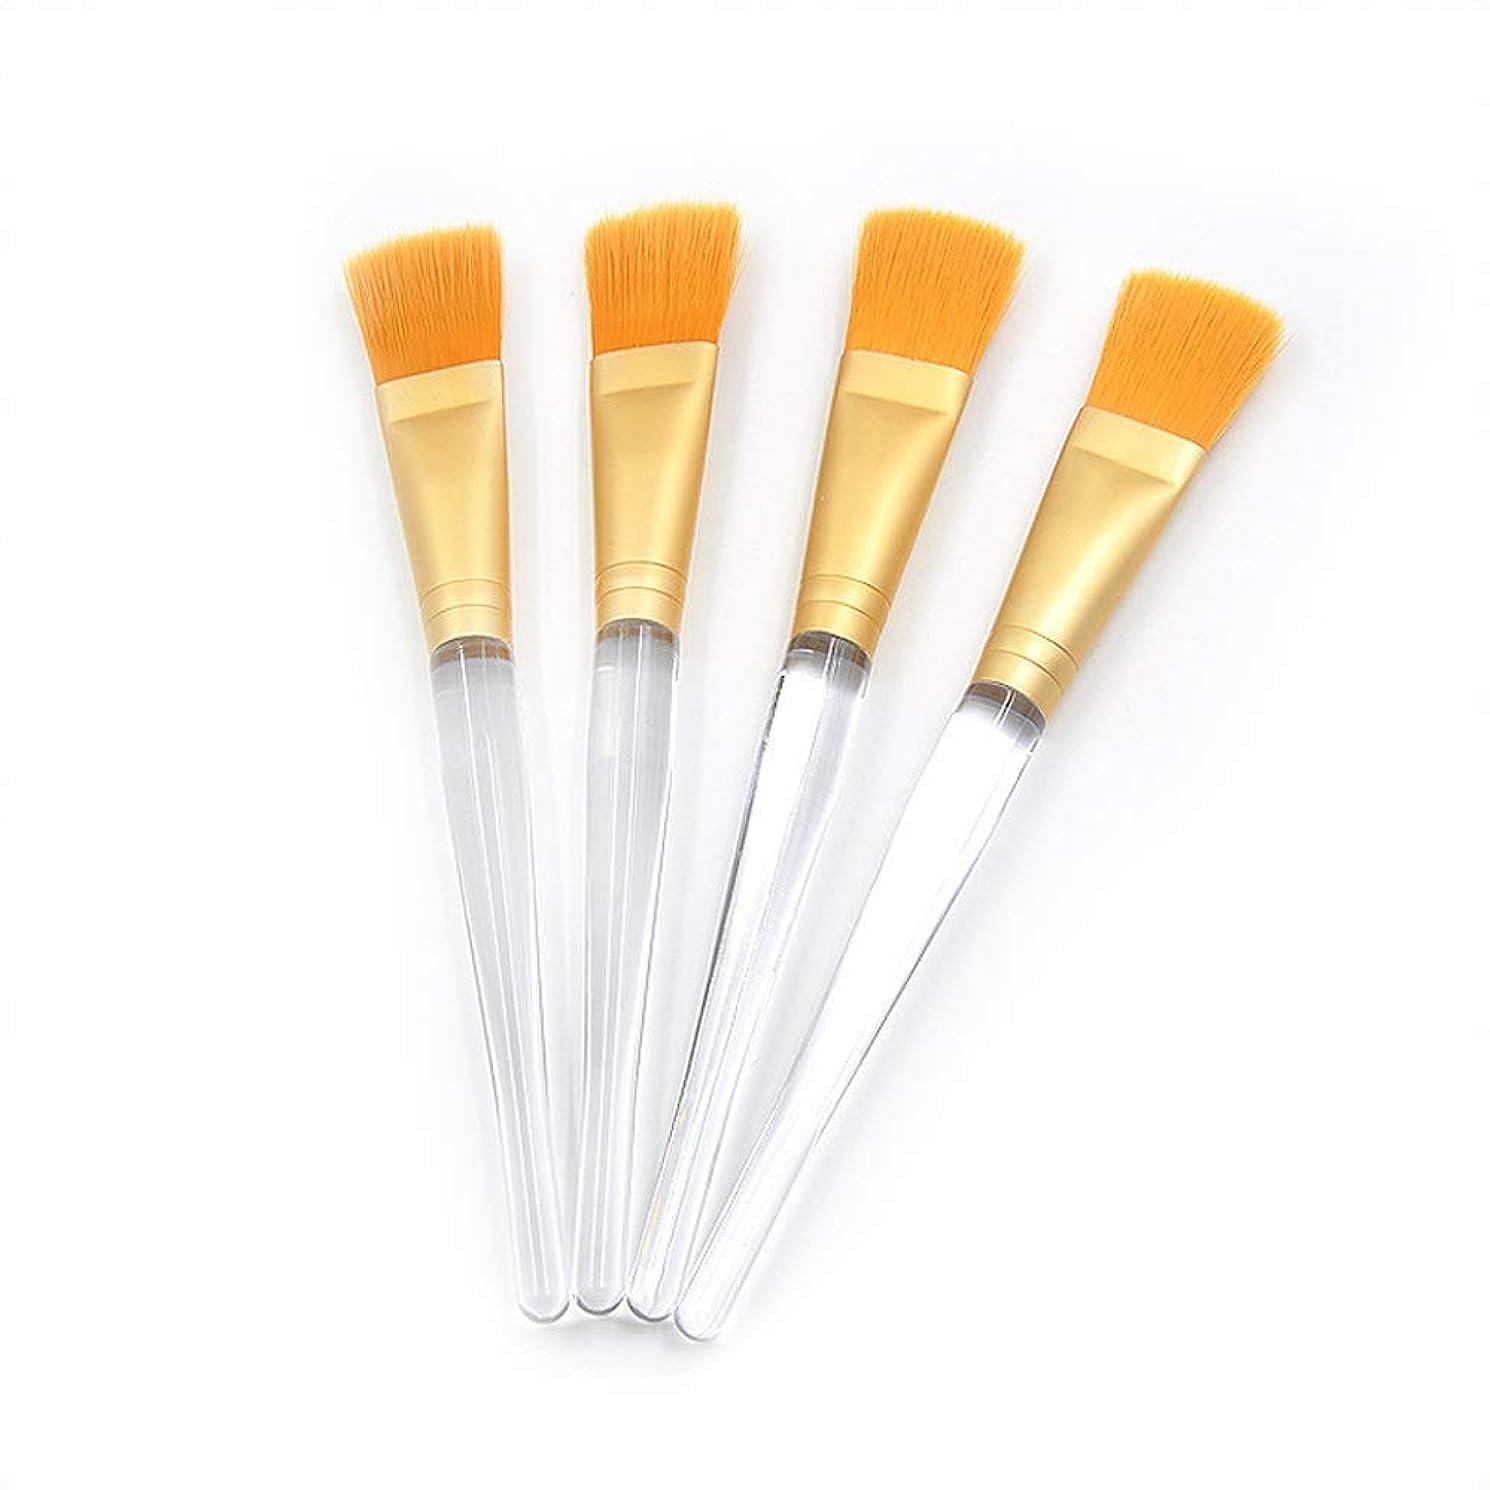 ピッチ拡散するまもなく化粧ブラシマスク美容ブラシDIY透明クリスタルプラスチックロッド化粧ブラシ(4個)